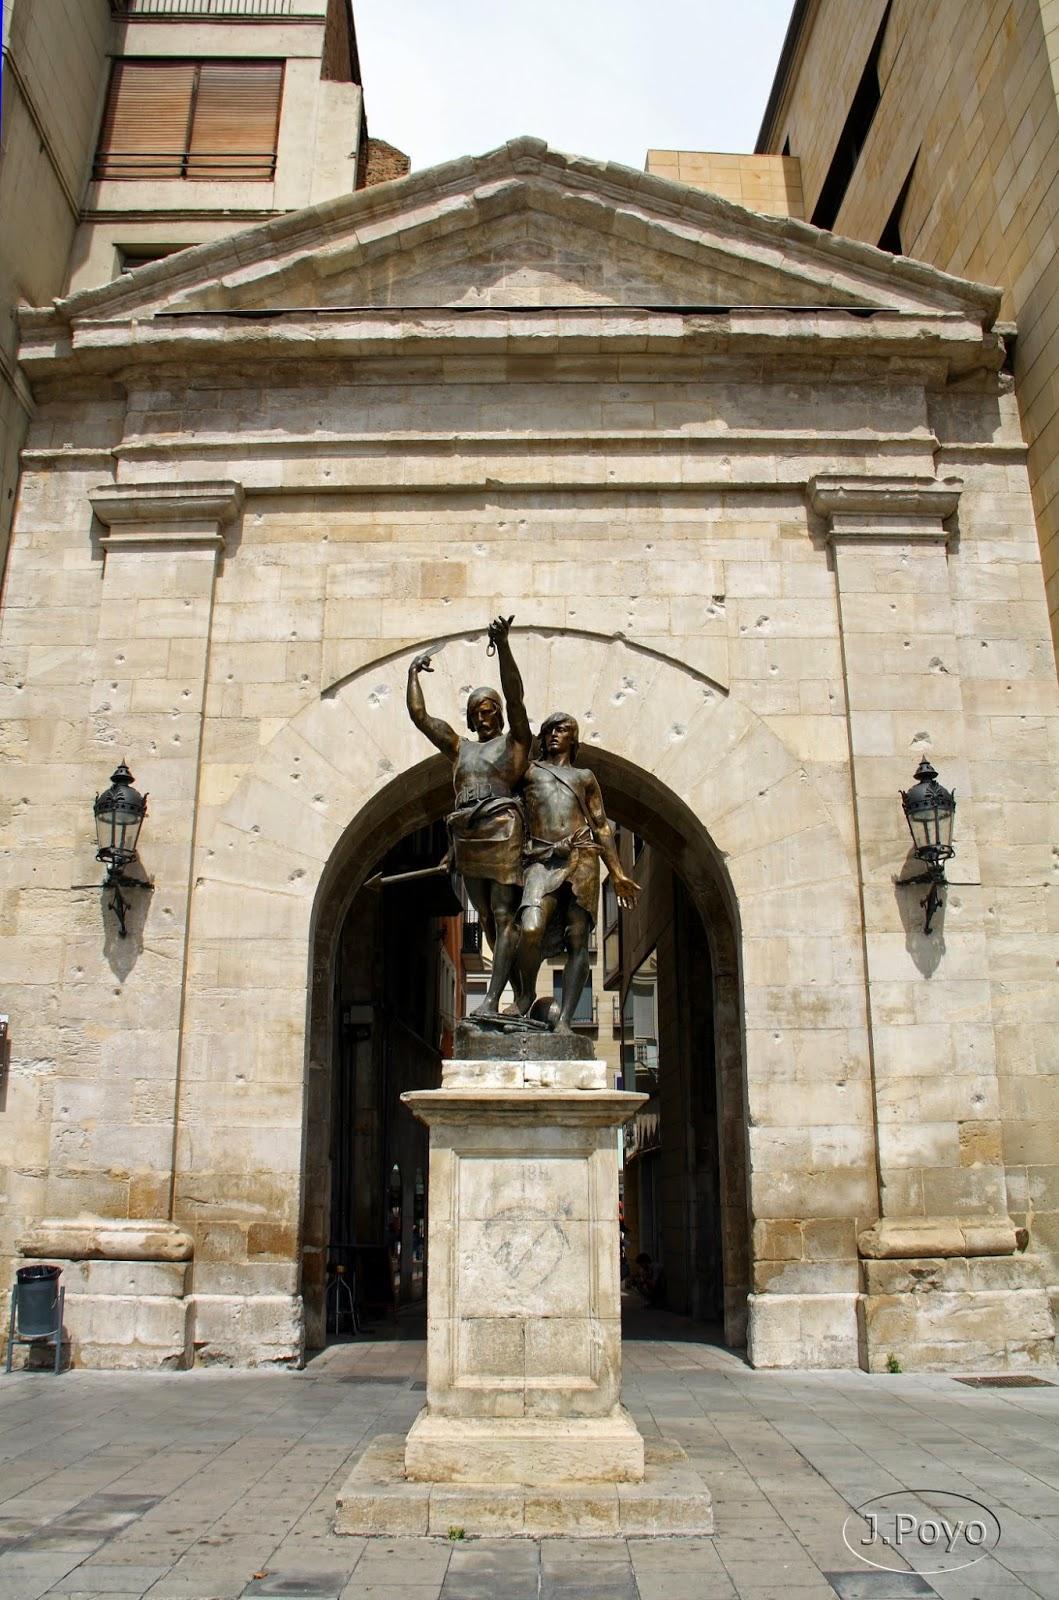 Arco del puente de Lleida